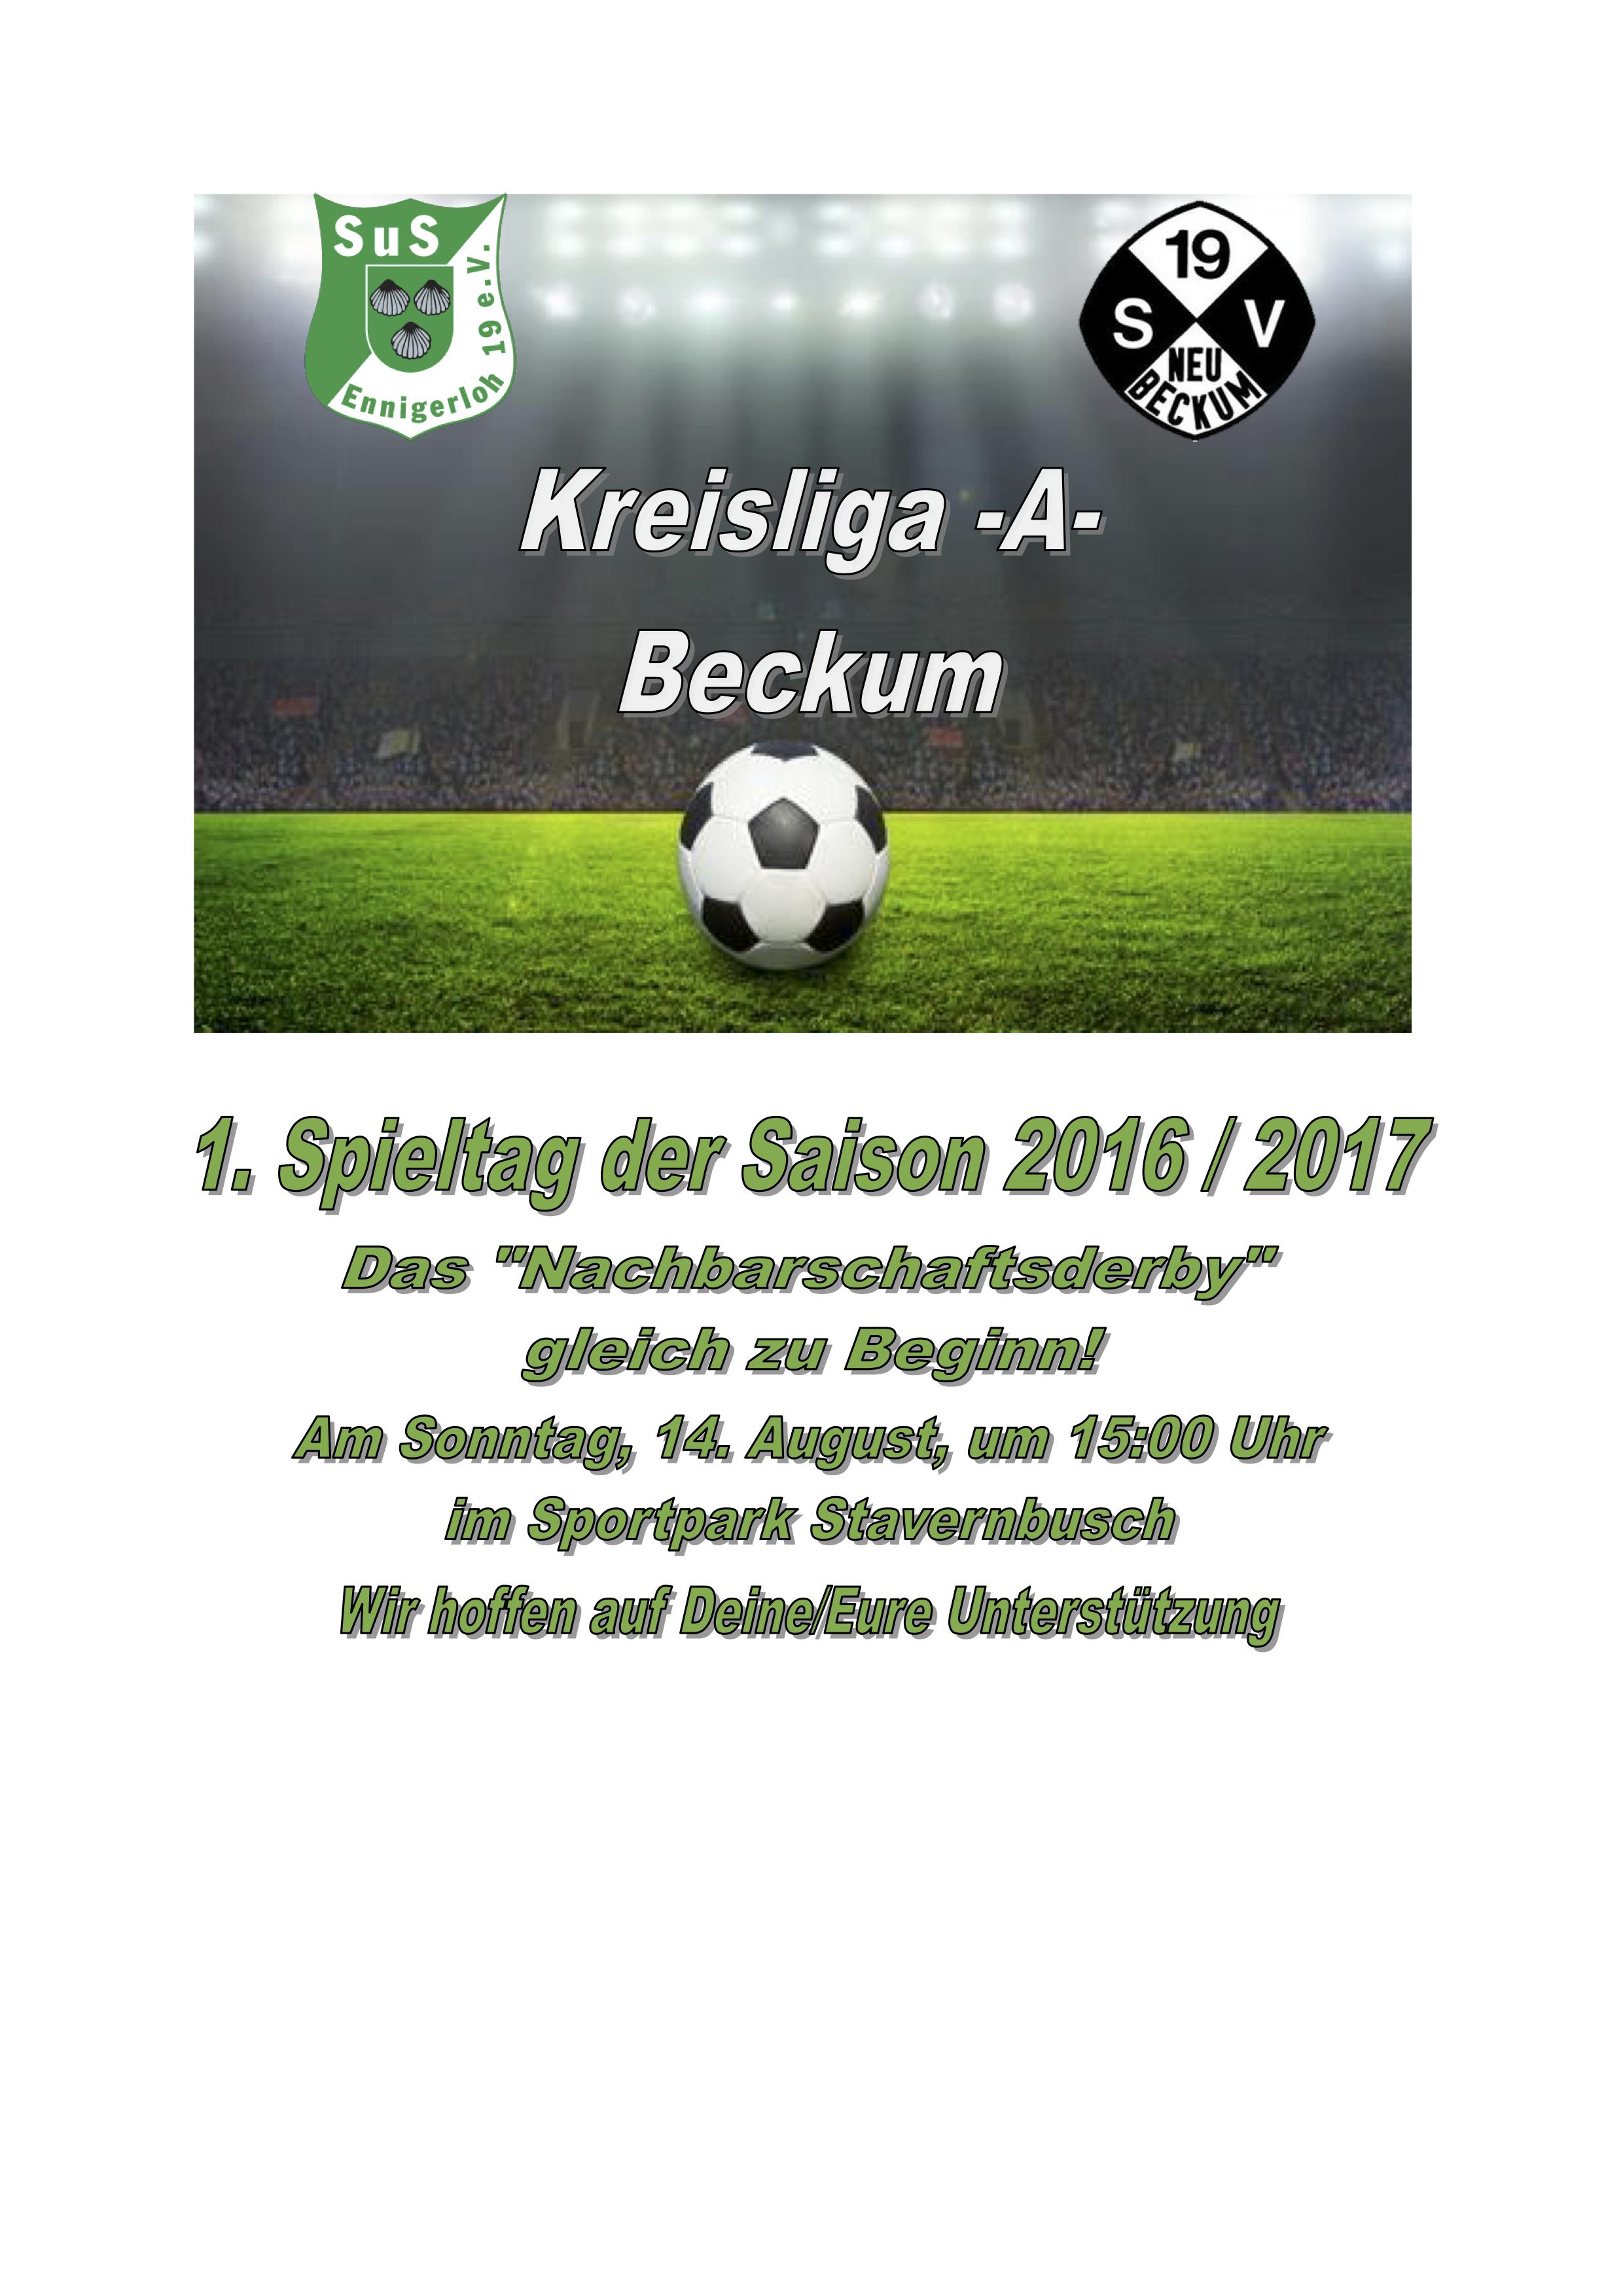 Spiel SuS Ennigerloh - SV Neubeckum